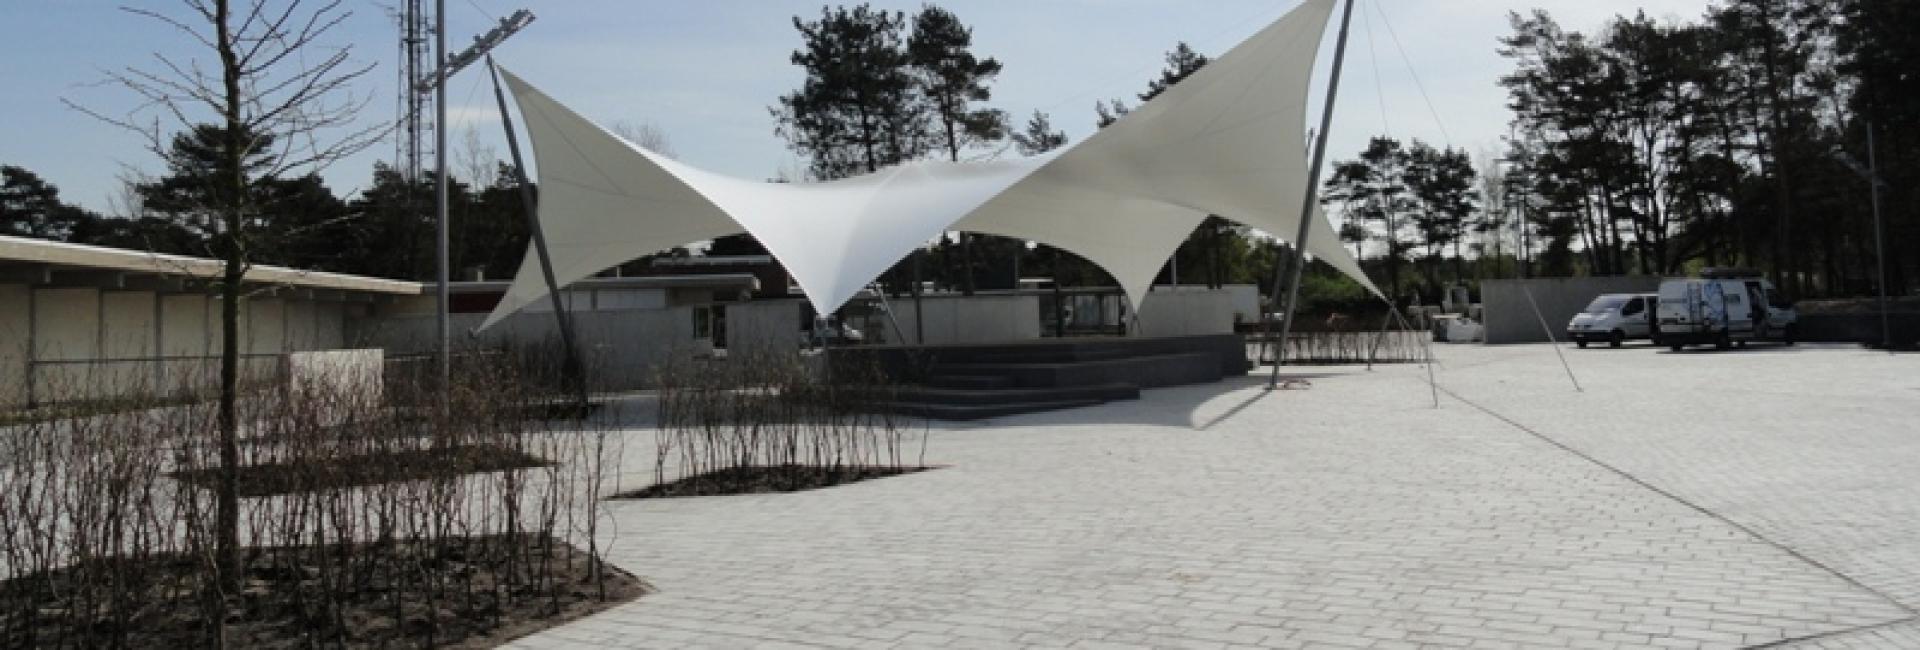 Recreatiepark Het Zilvermeer